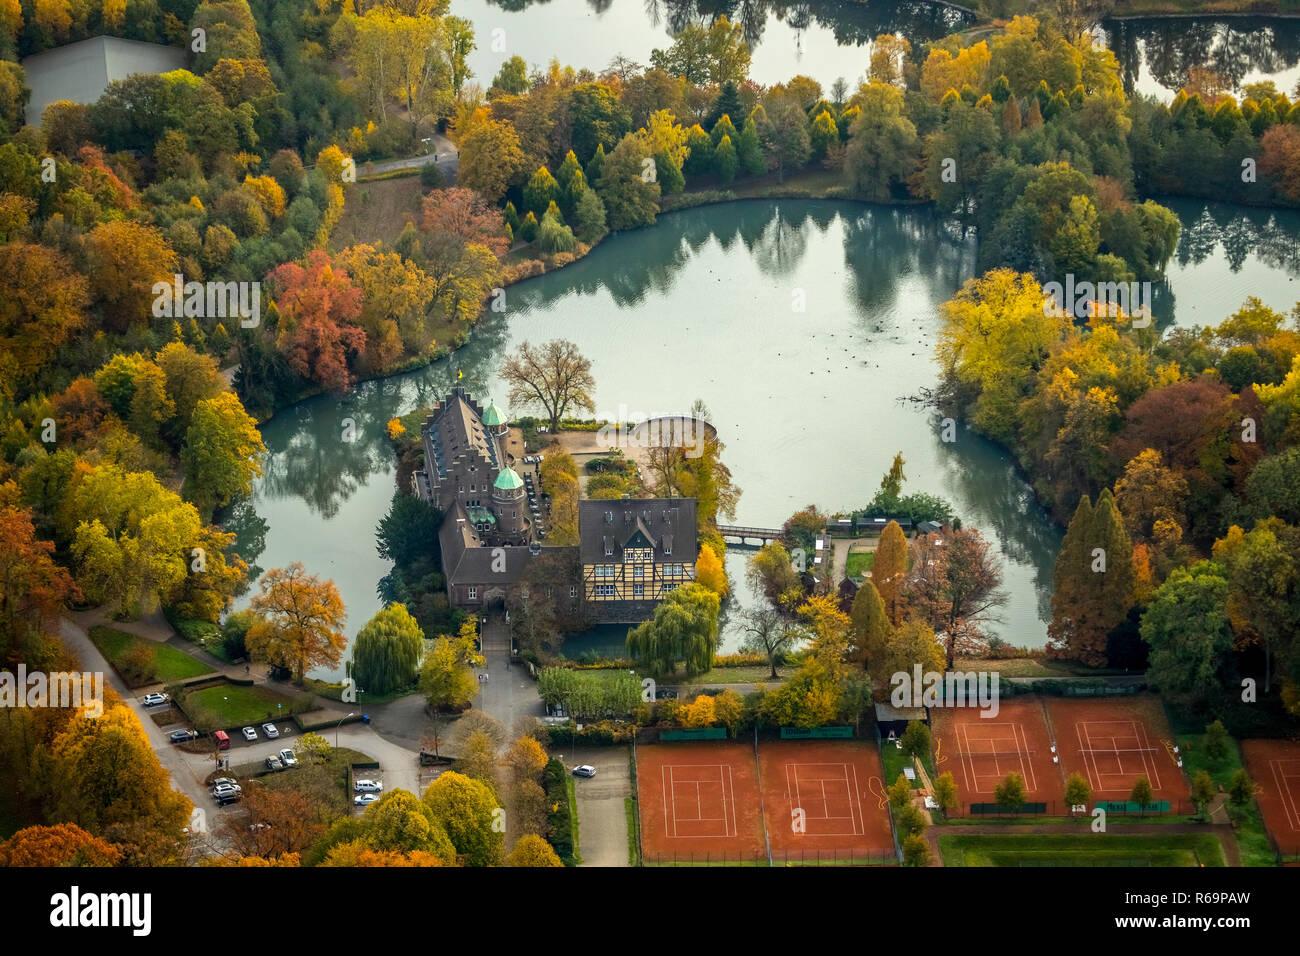 Vista aérea, Club de Tenis Club de Tenis Haus Wittringen, castillo moated Wittringen, Gladbeck, área de Ruhr, Renania del Norte-Westfalia Foto de stock